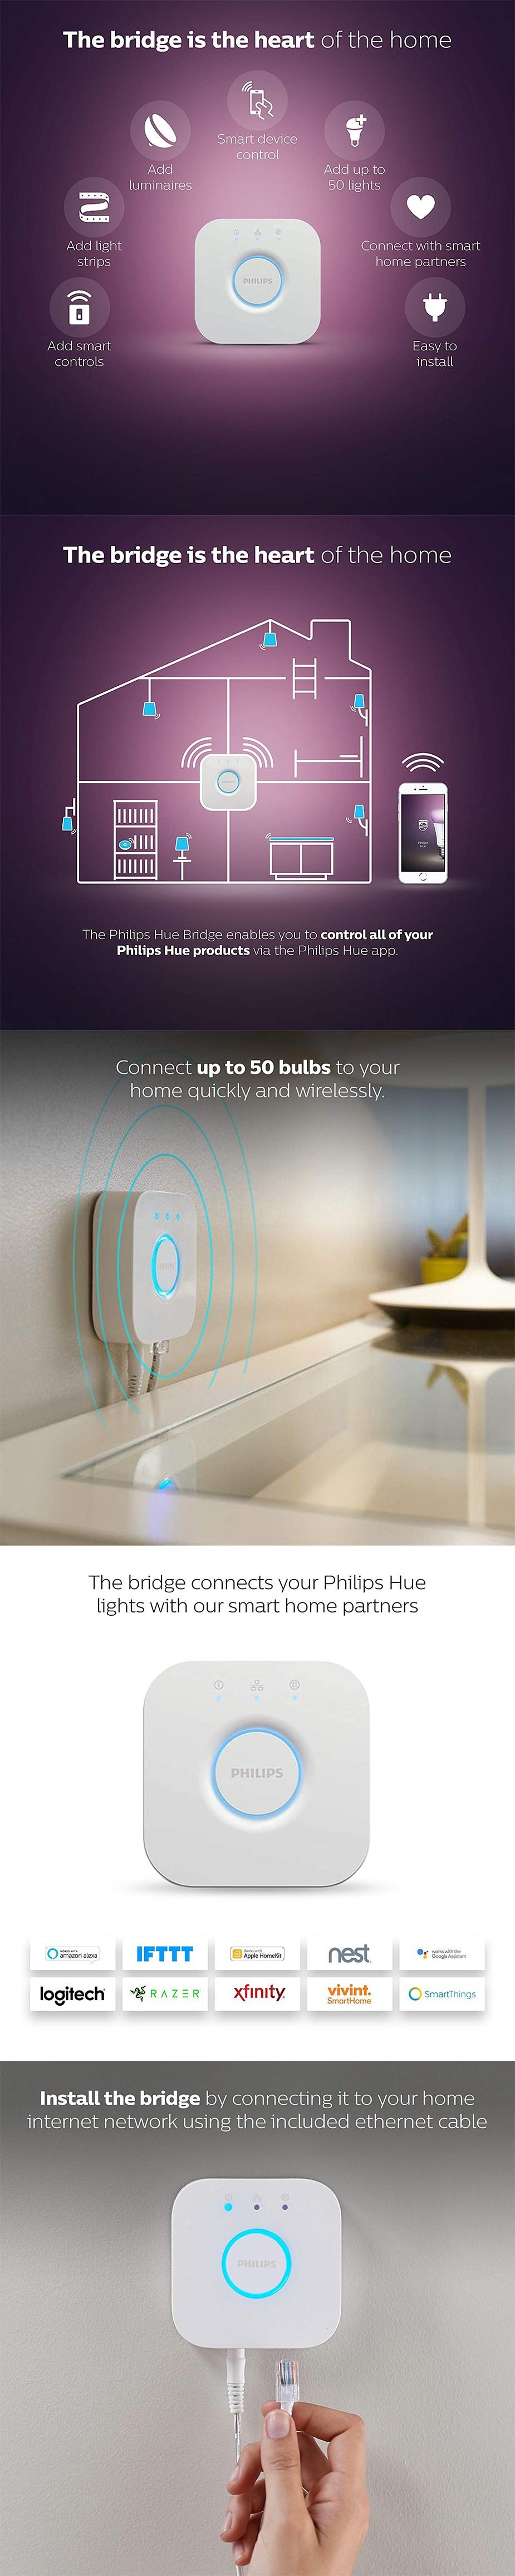 Philips Hue Smart Bridge - Desktop Overview 1